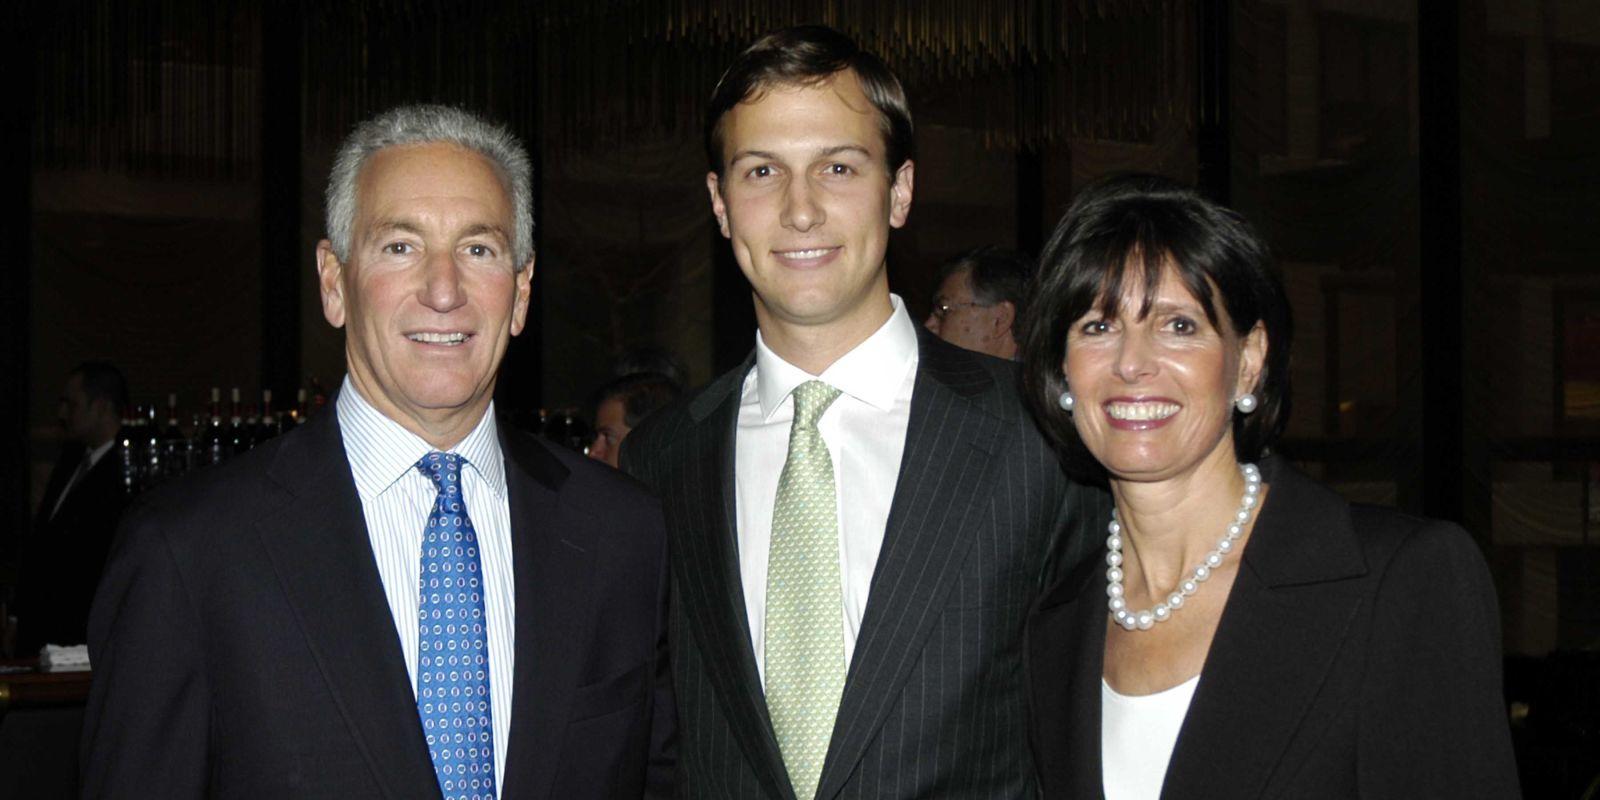 Jared Kushner S Family Charles Seryl Josh Nicole And